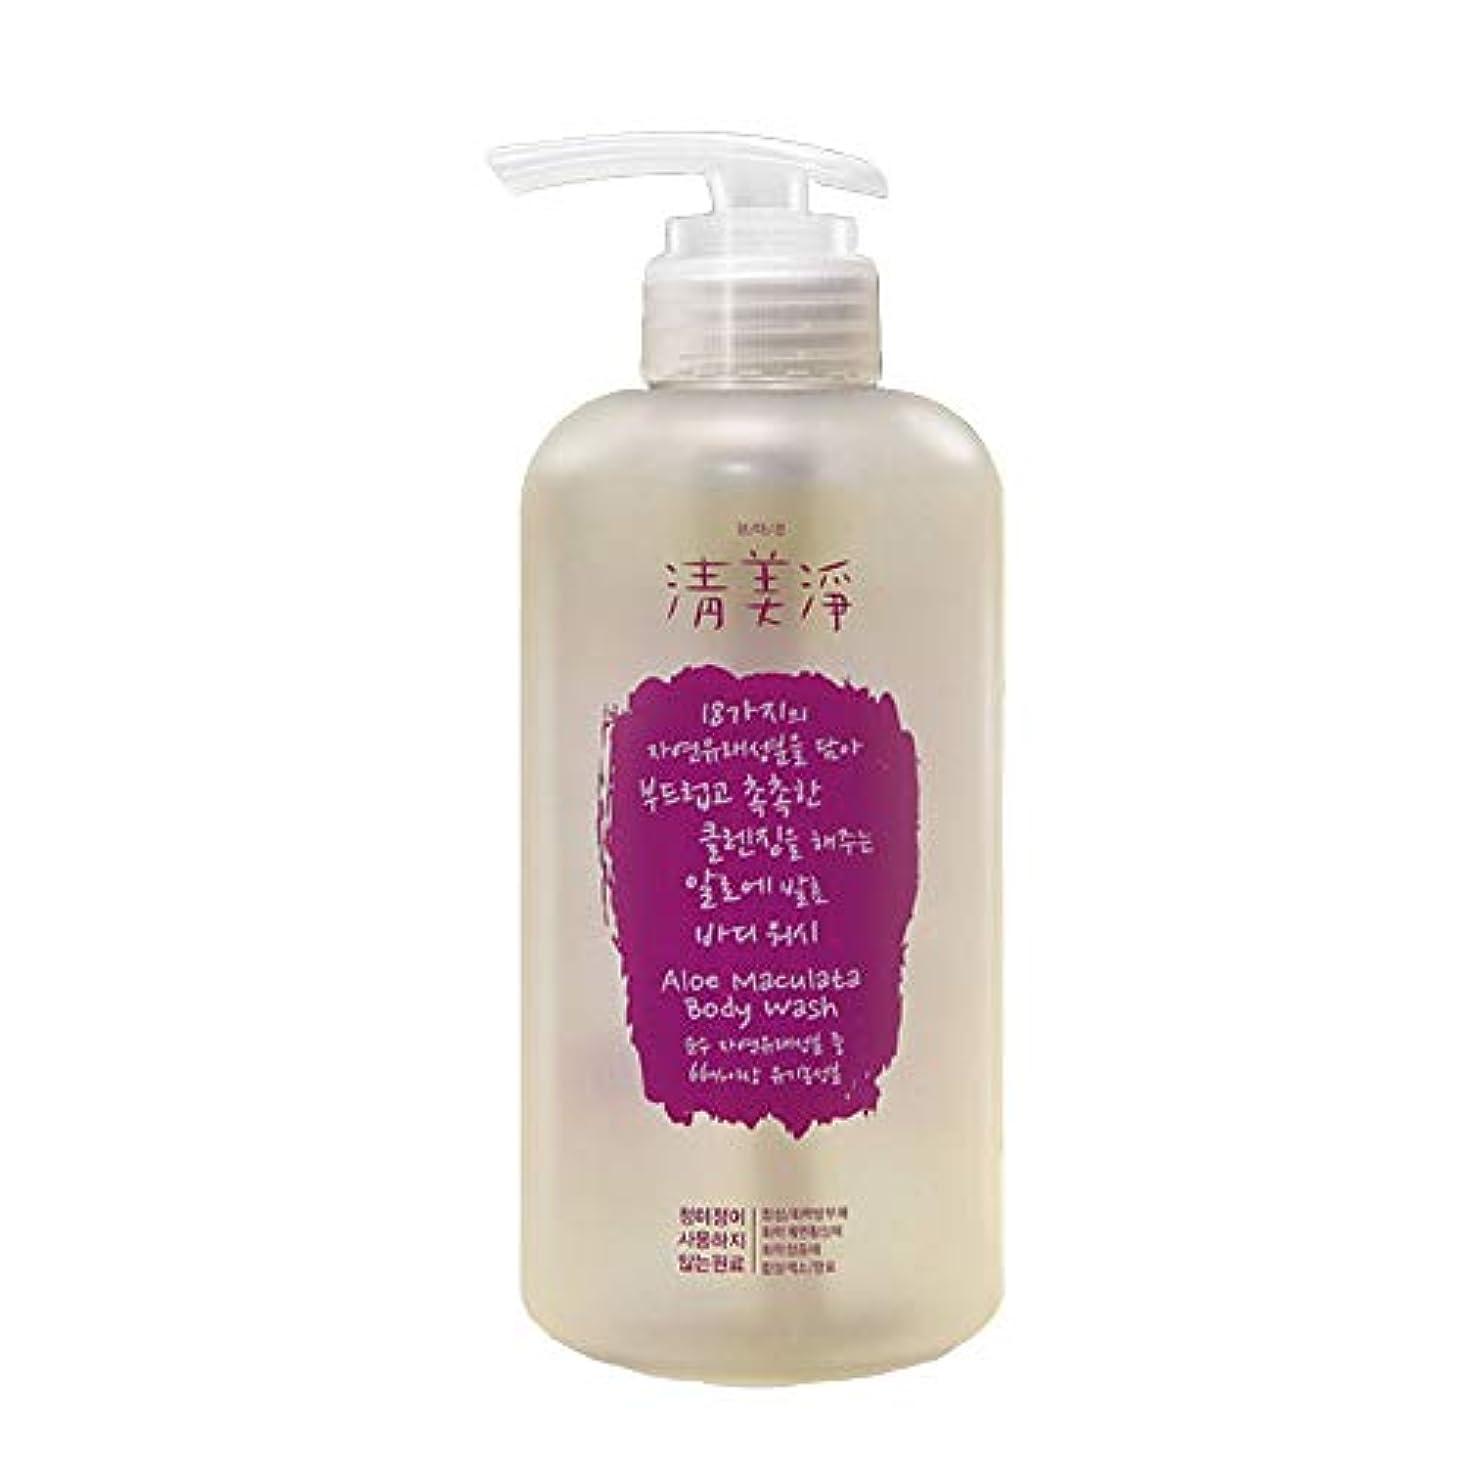 着替える正直投獄[ChungMiJung] 清美浄(チョンミジョン) アロエ発酵ボディウォッシュ 500ml Aloe Maculata Body Wash - Organic Body Wash with 18 Ingredients from Nature for Sensitive Skin Korean Skincare